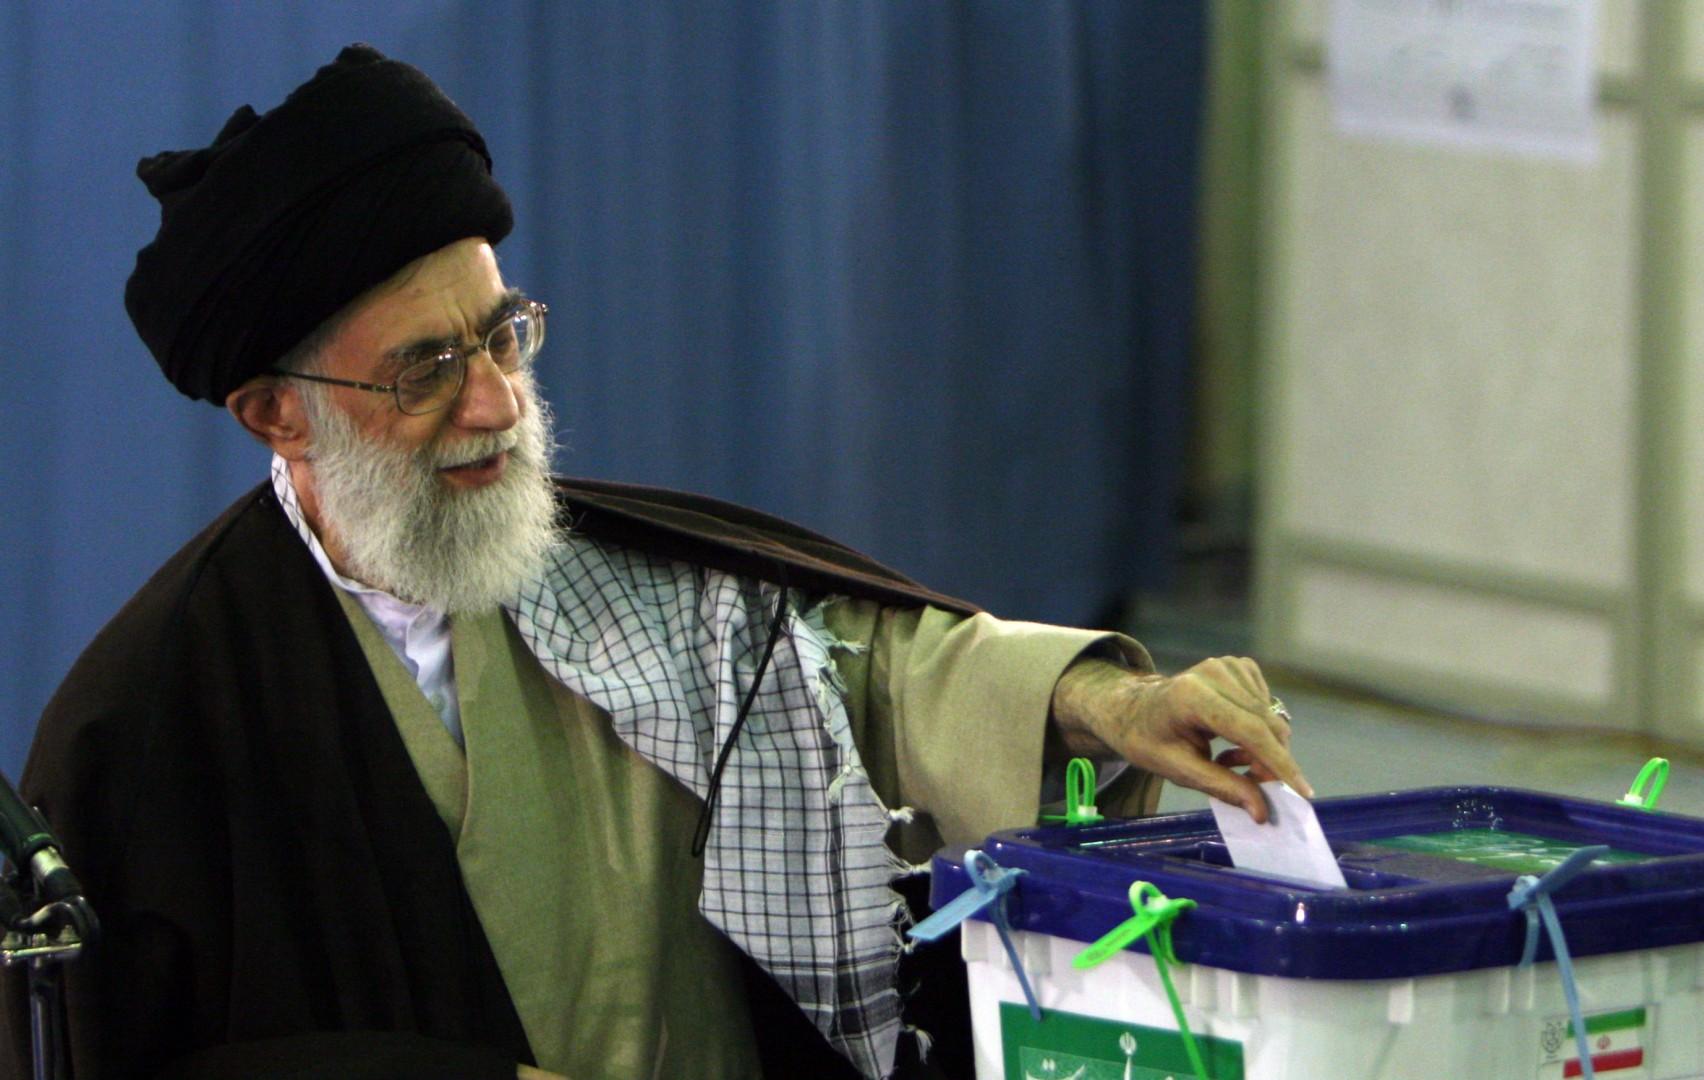 ©AP/Lapresse 14/03/2008  Tehran Estero Elezioni in Iran nella foto: Ayatollah Ali Khamenei  al voto